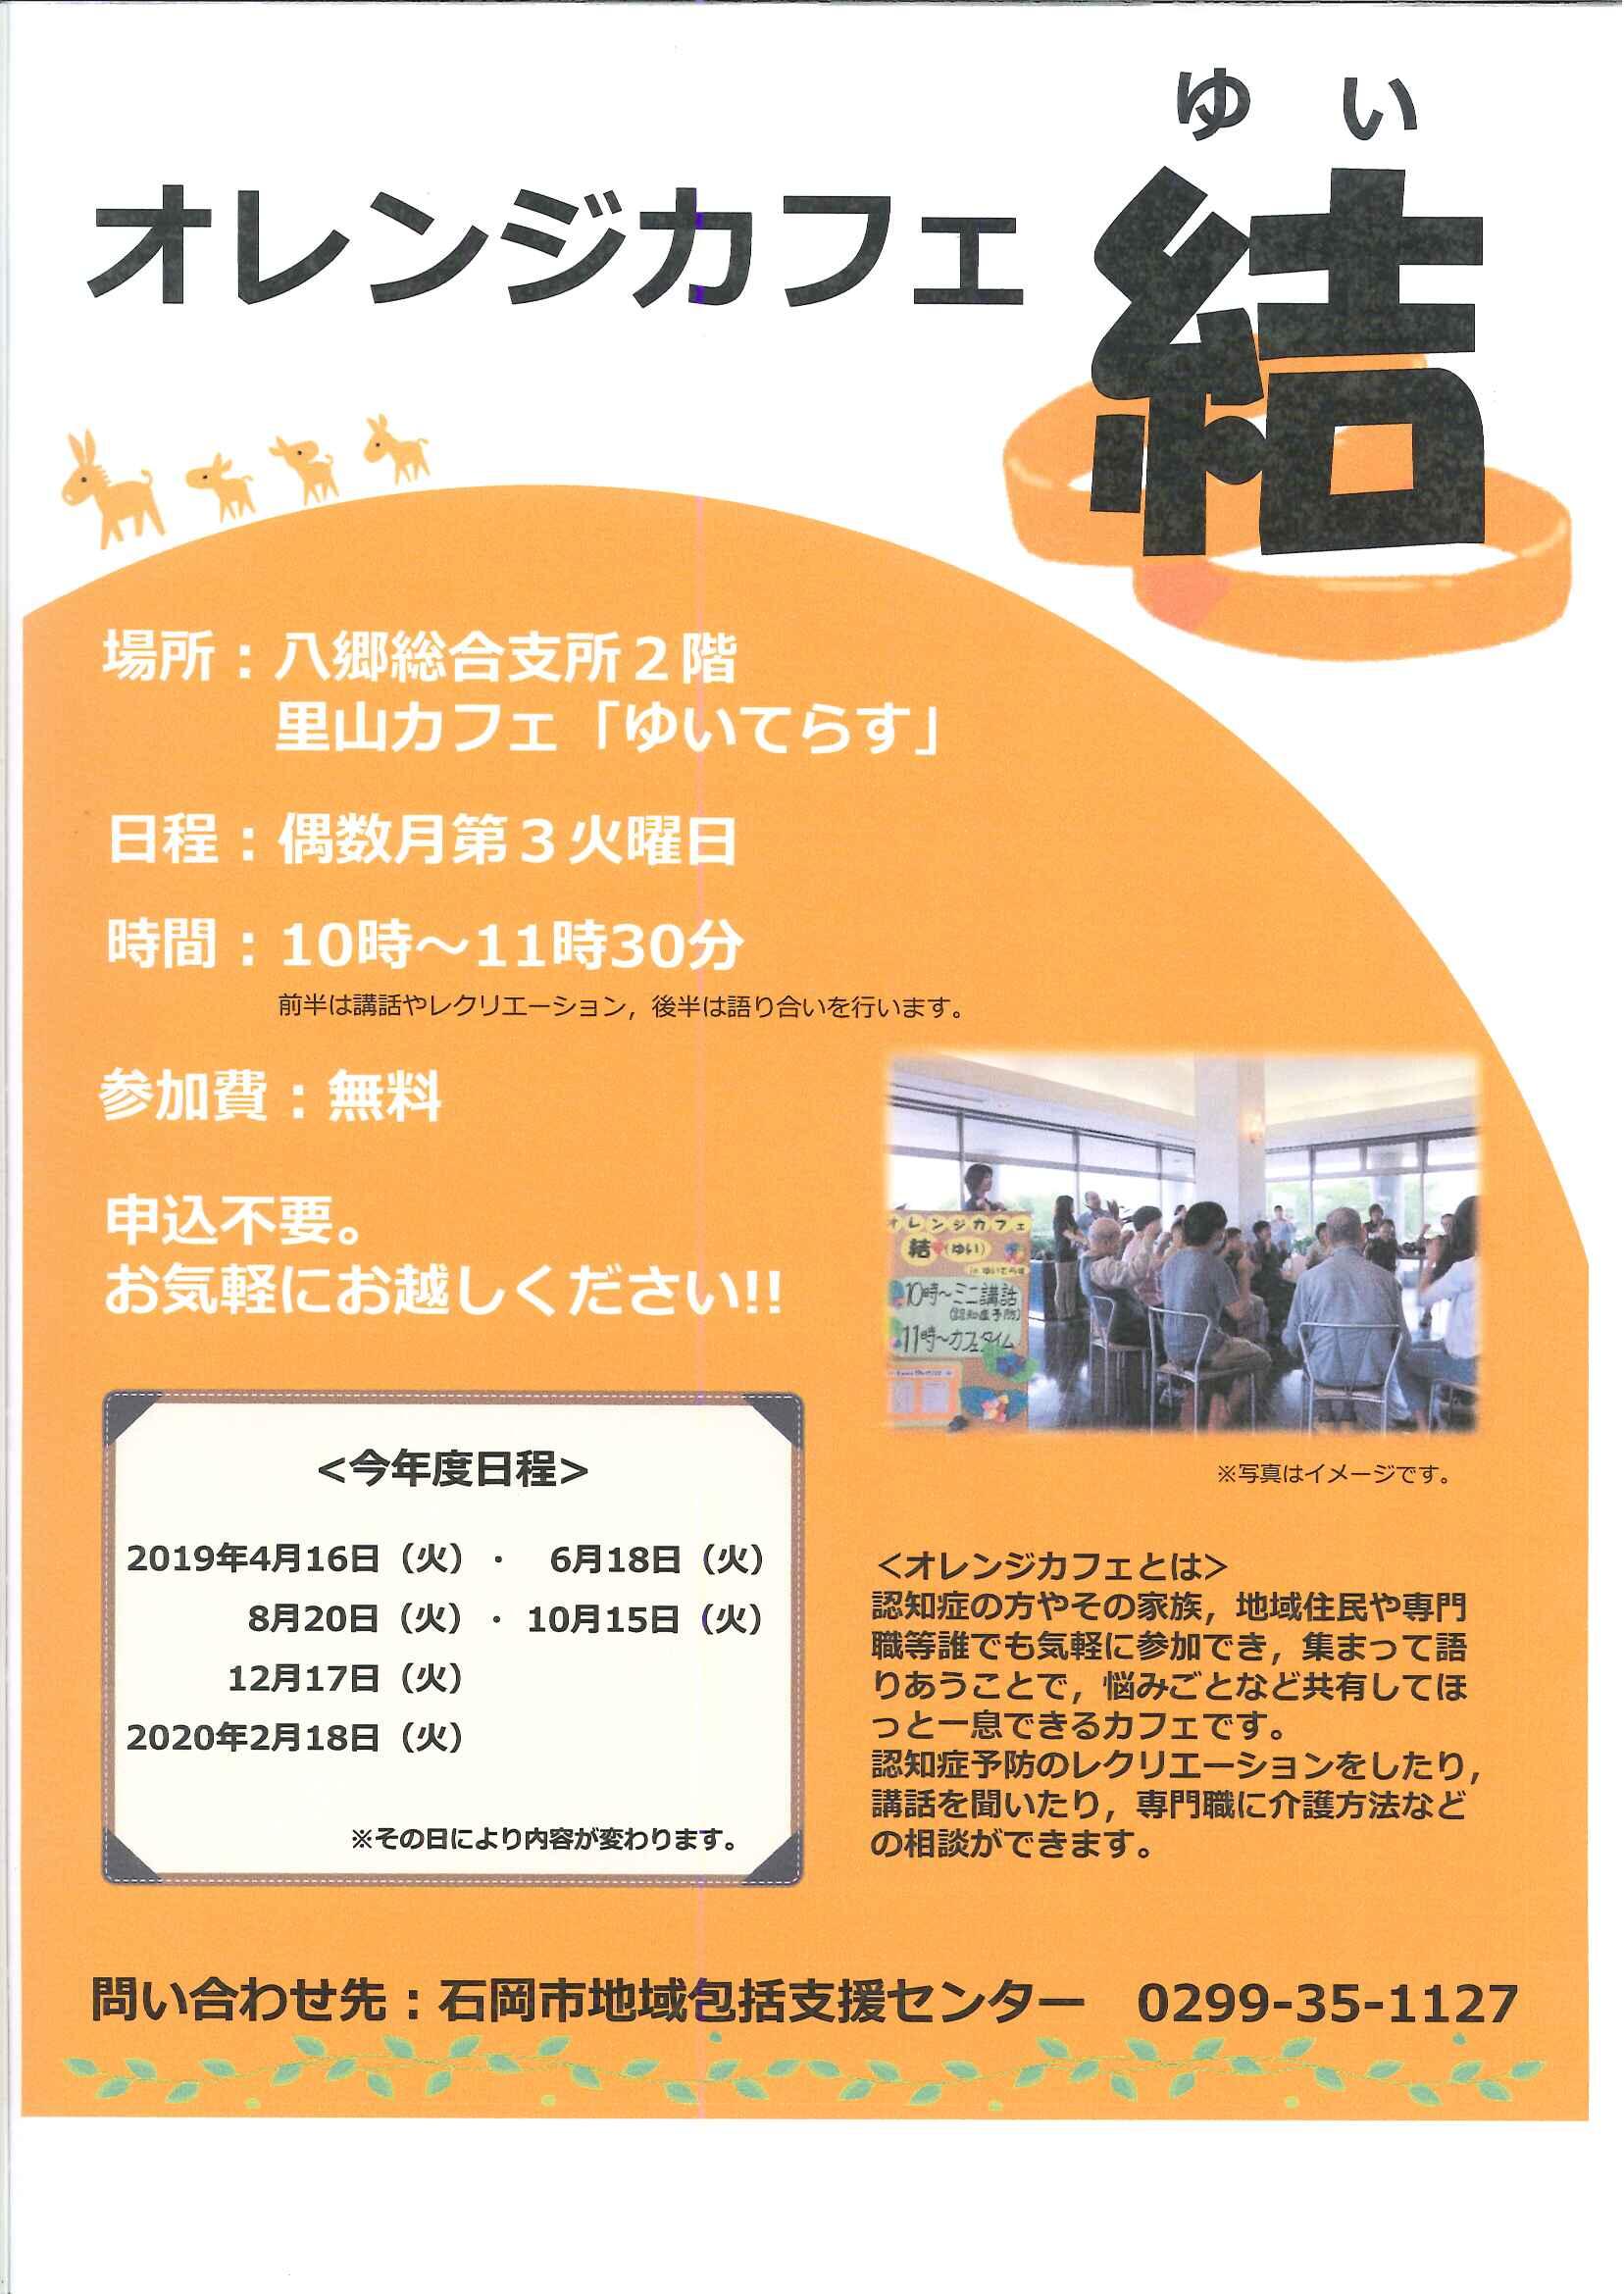 『H31オレンジカフェ』の画像